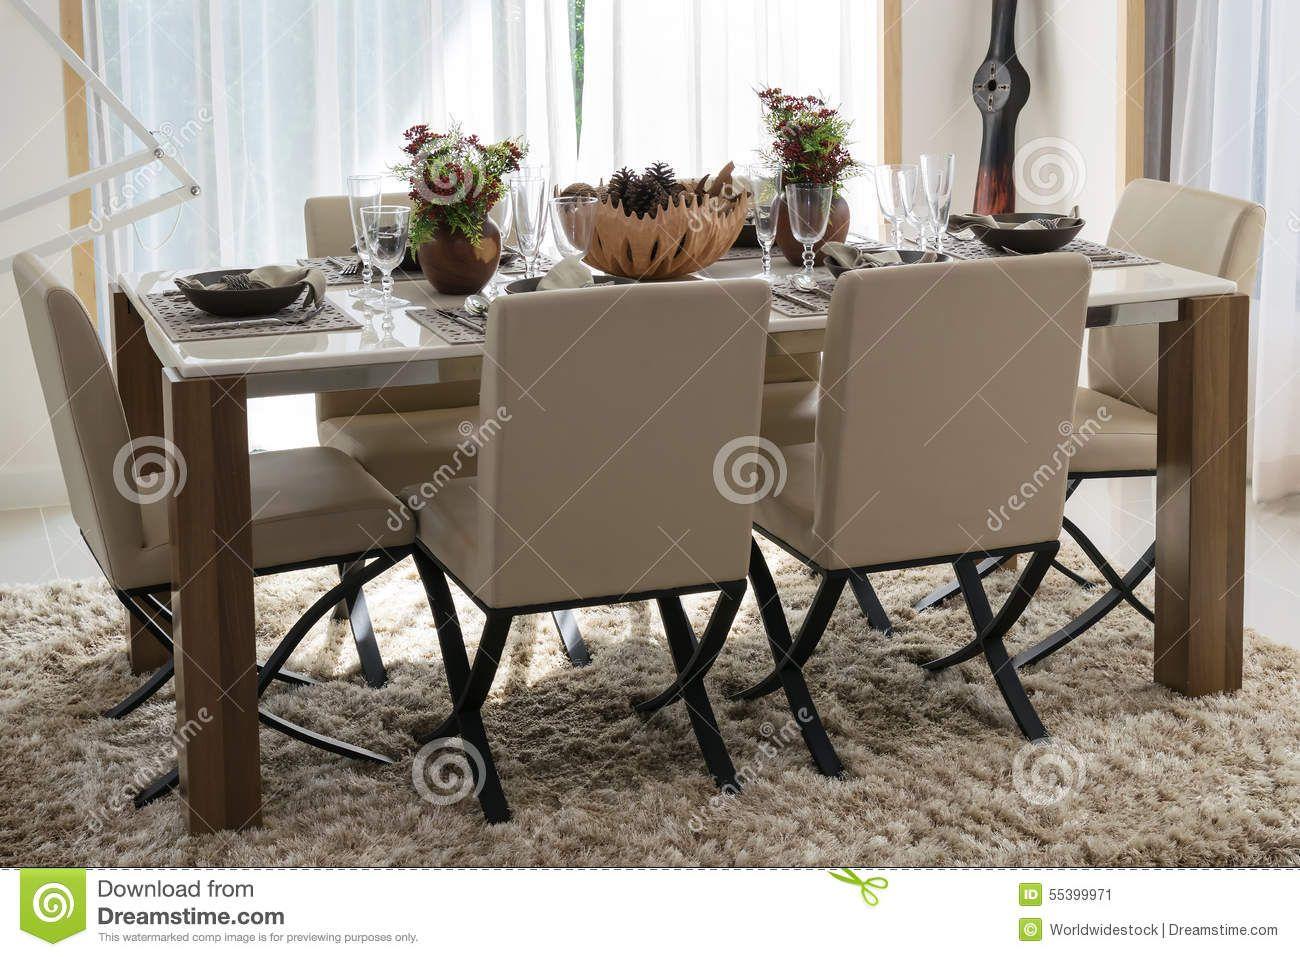 étonnant chaises confortables salle manger | décoration française ... - Chaise Confortable Salle A Manger